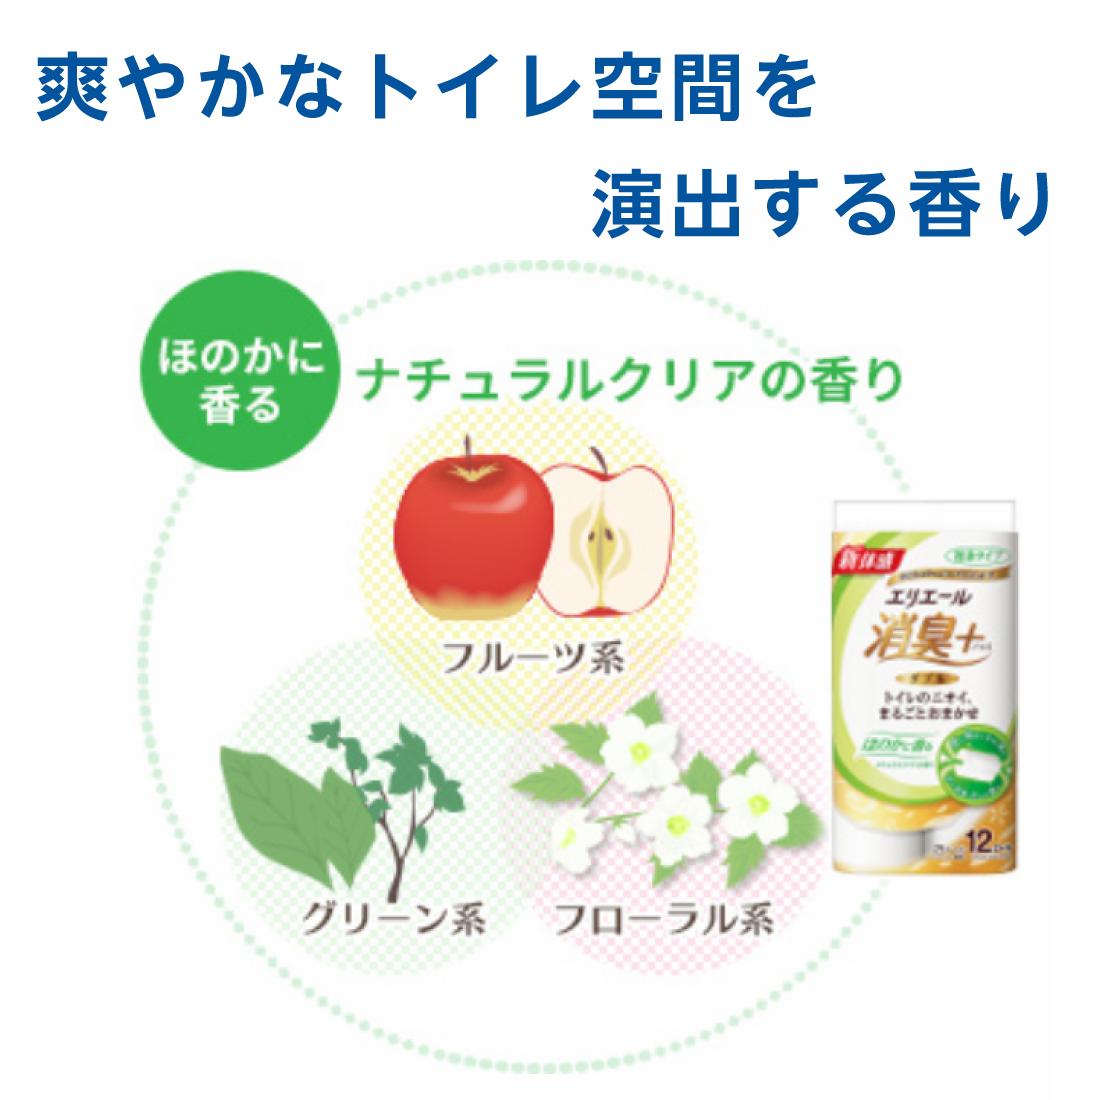 エリエール 消臭+トイレットティシュー ほのかに香る ナチュラルクリアの香り コンパクト8ロール(ダブル)